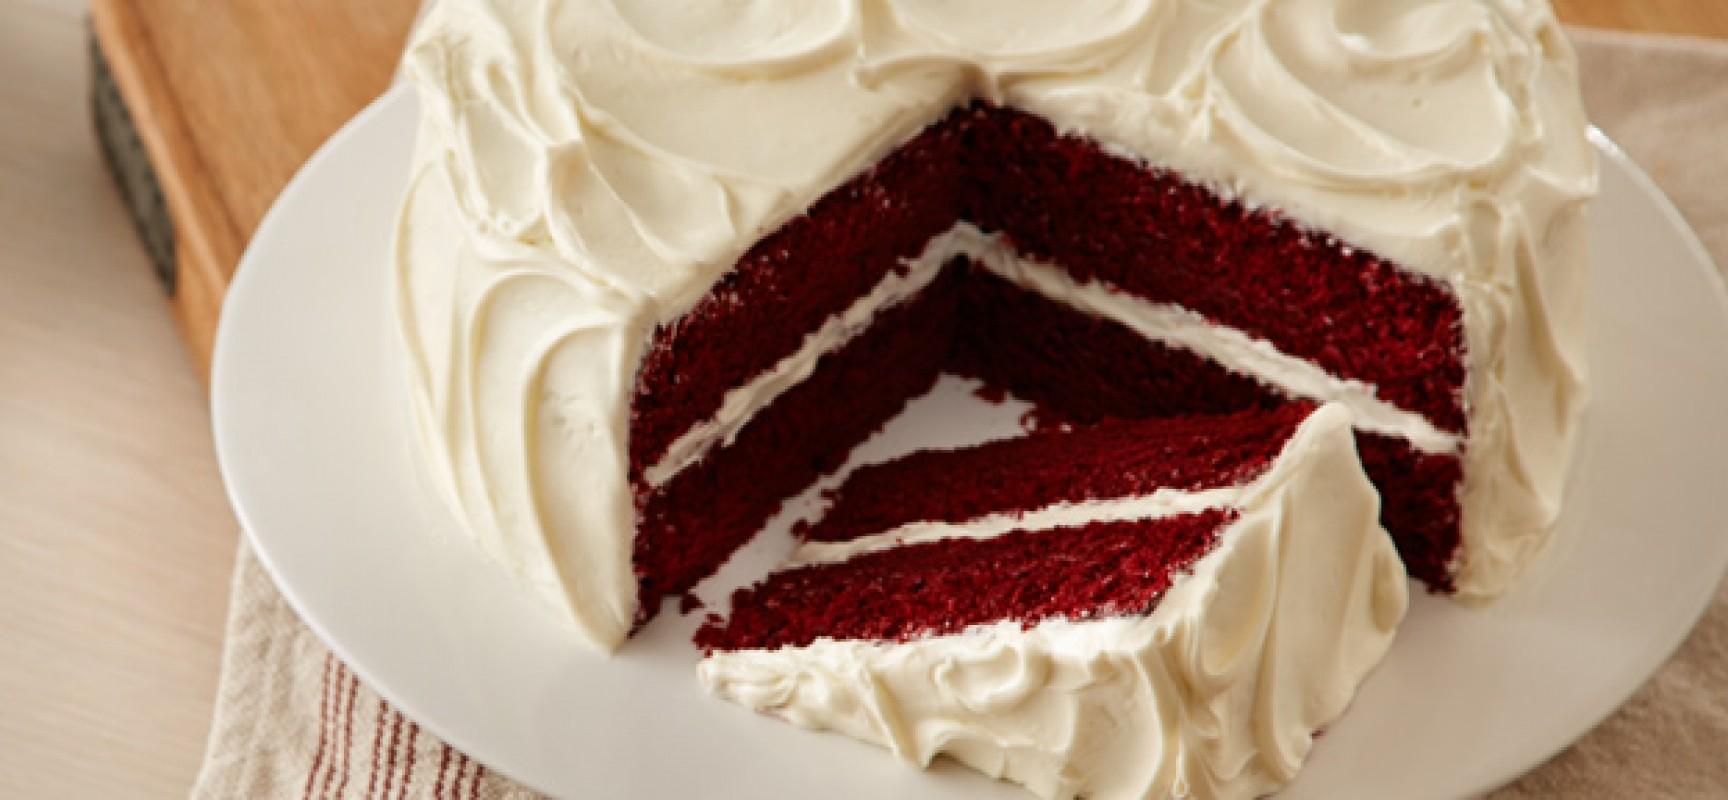 The Red Velvet Cake